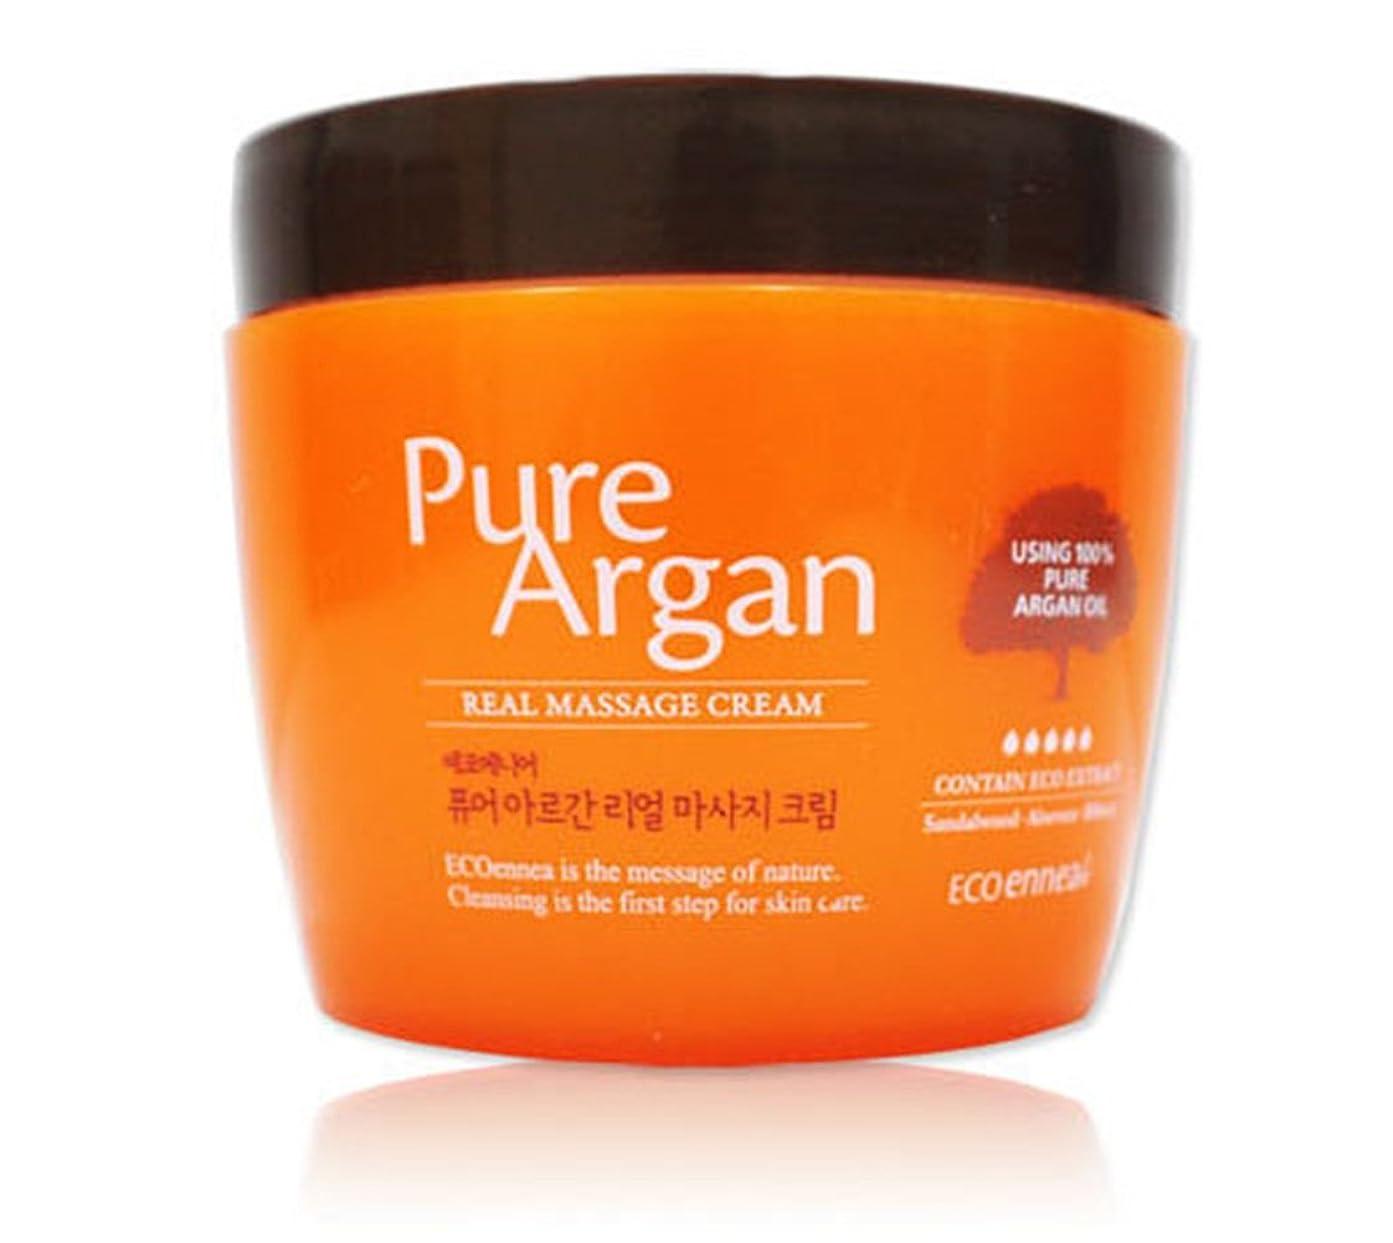 加害者入札トリップ(フルーツカントリー) Fruit Country Eco Pure Argan Real Massage Cream 300ml CH1250544 [並行輸入品]